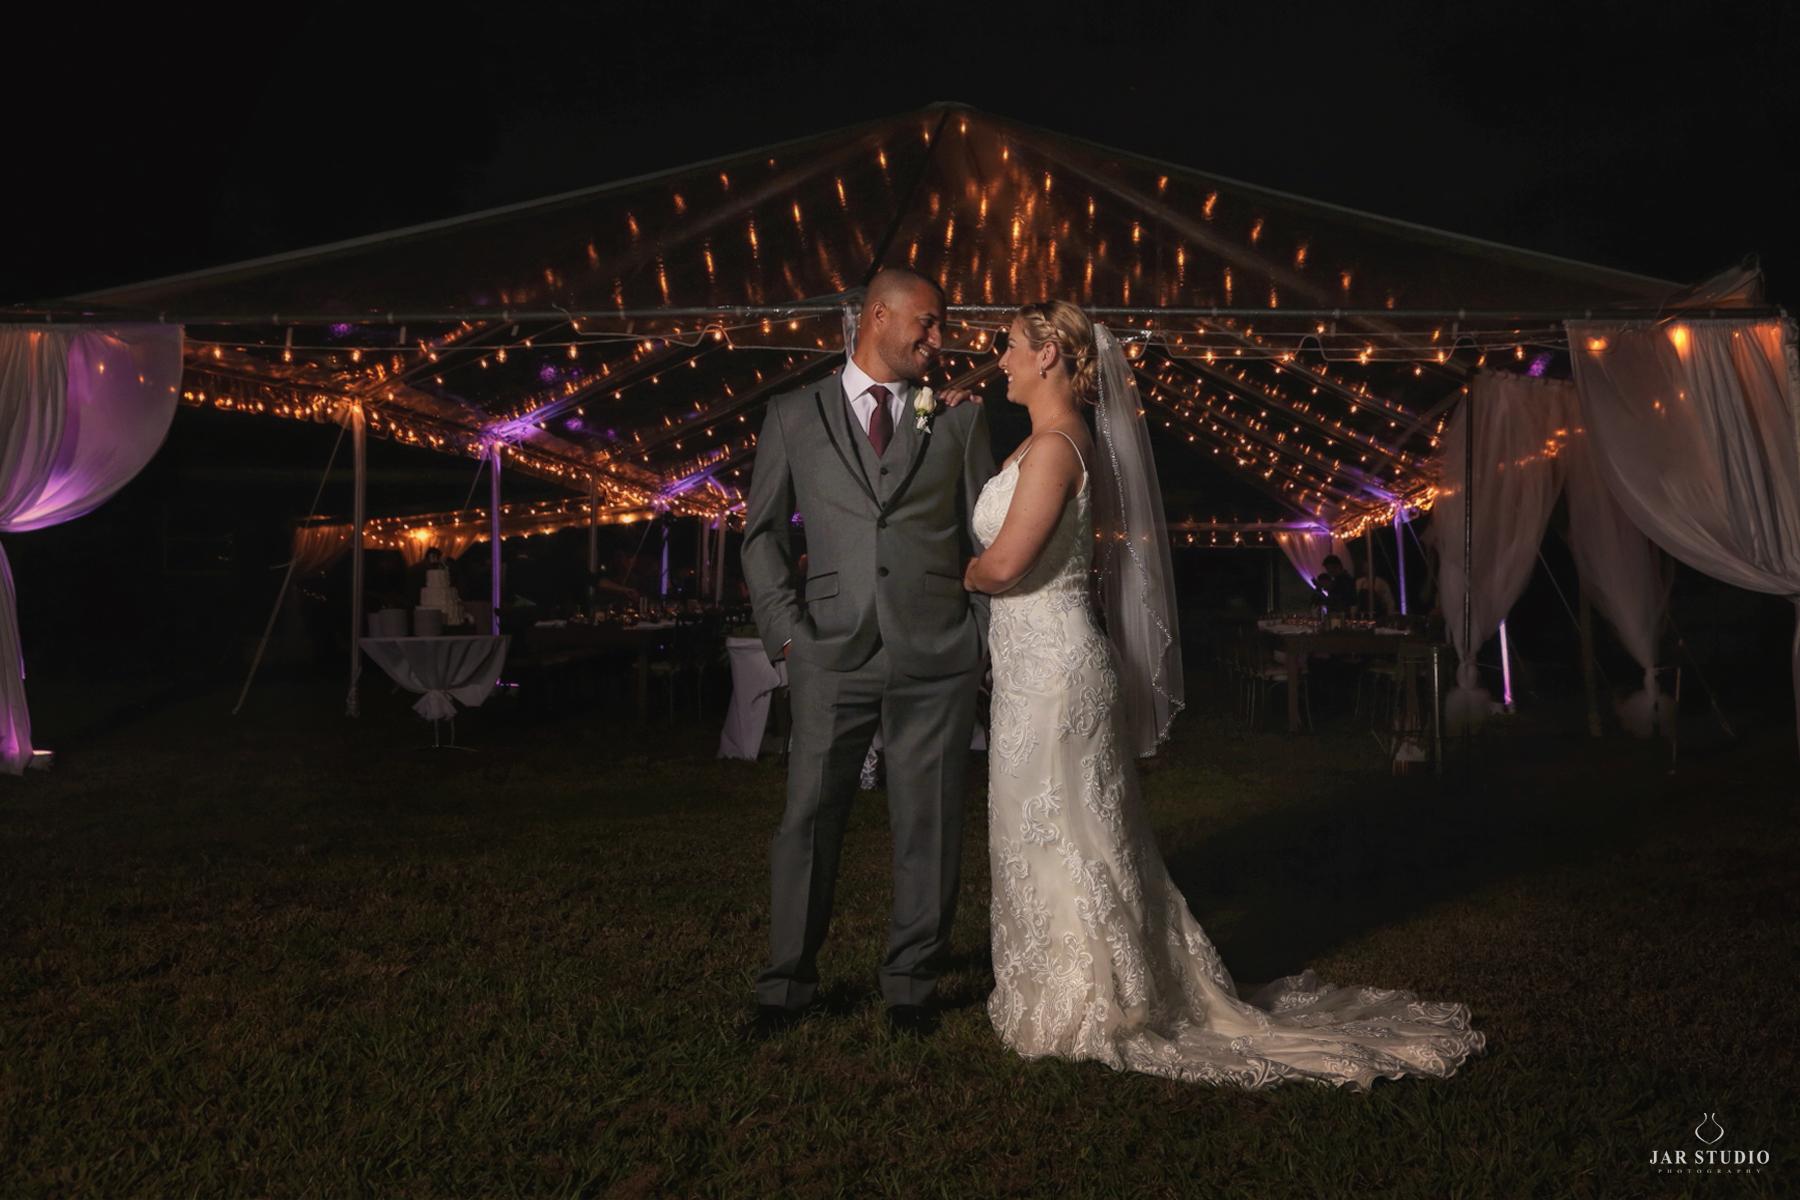 jarstudio-wedding-photographer-479.JPG